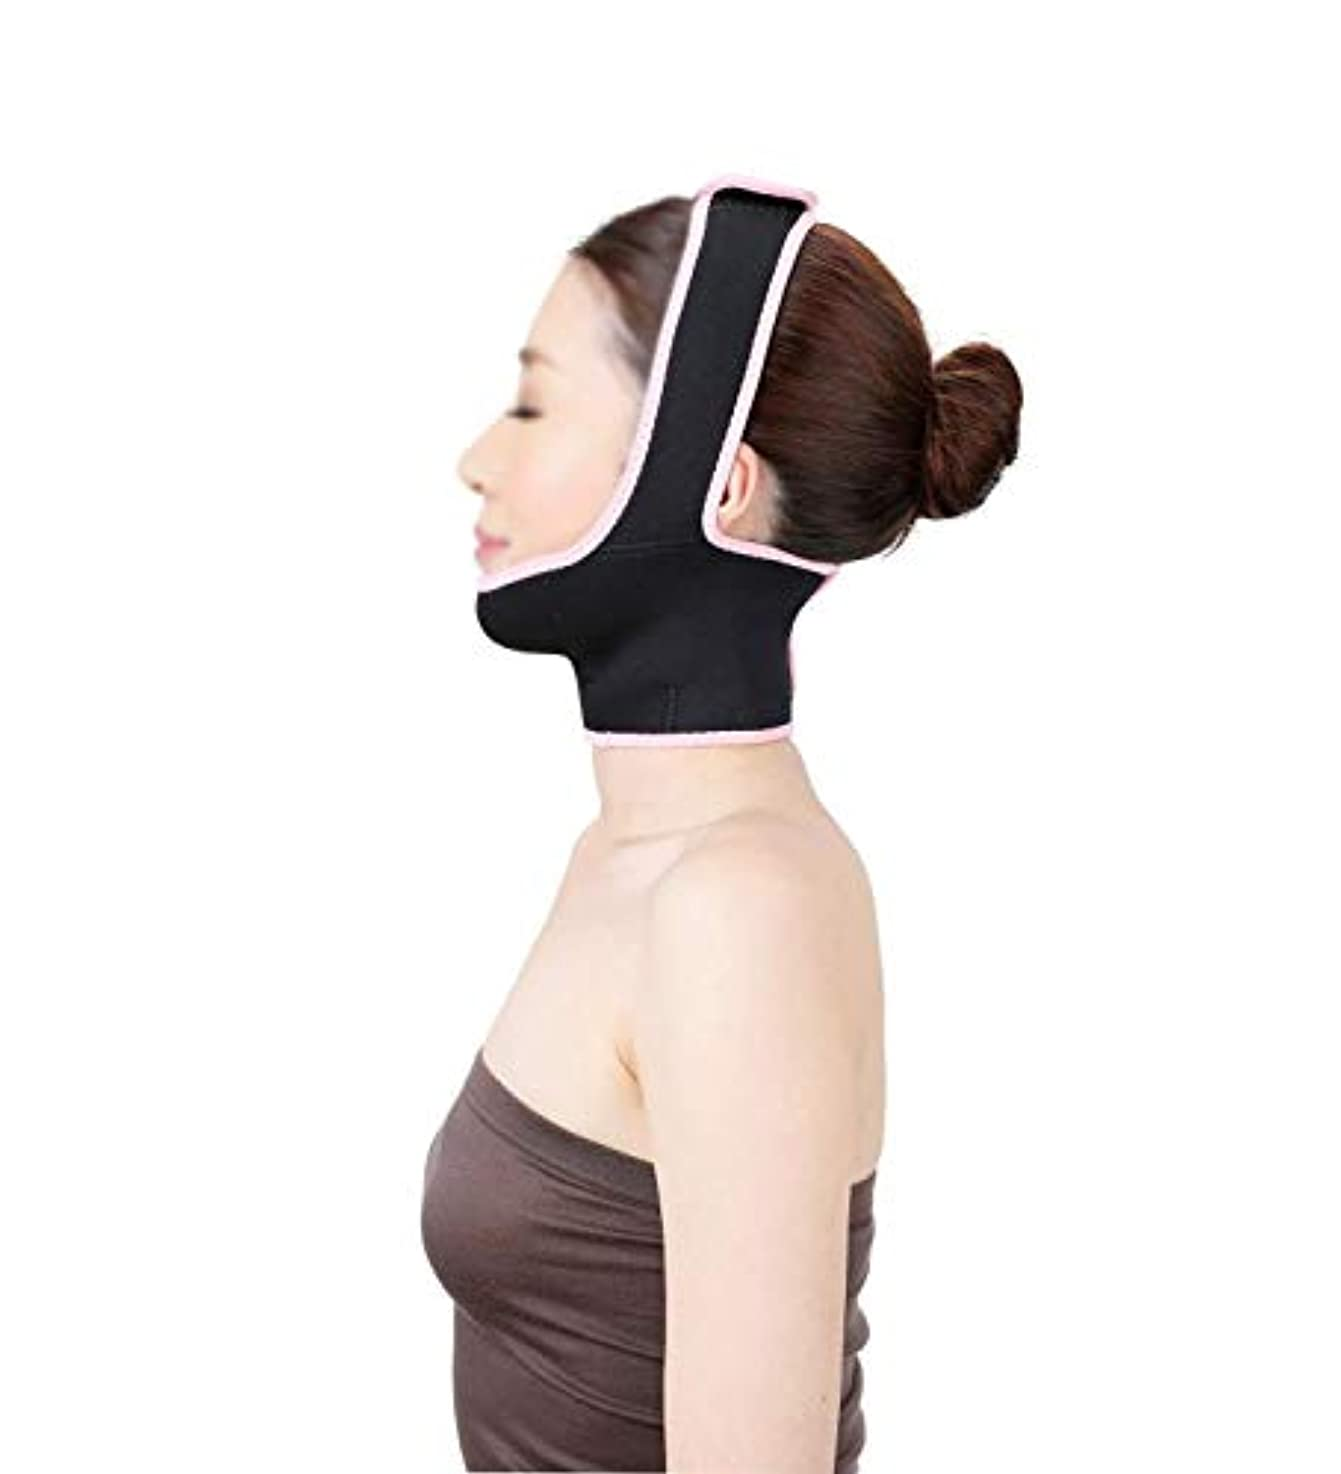 電気的エミュレートするレンチフェイスリフトマスク、あごストラップ回復ポスト包帯ヘッドギアフェイスマスク顔薄いフェイスマスクアーティファクト美容顔と首リフトブラックマスク